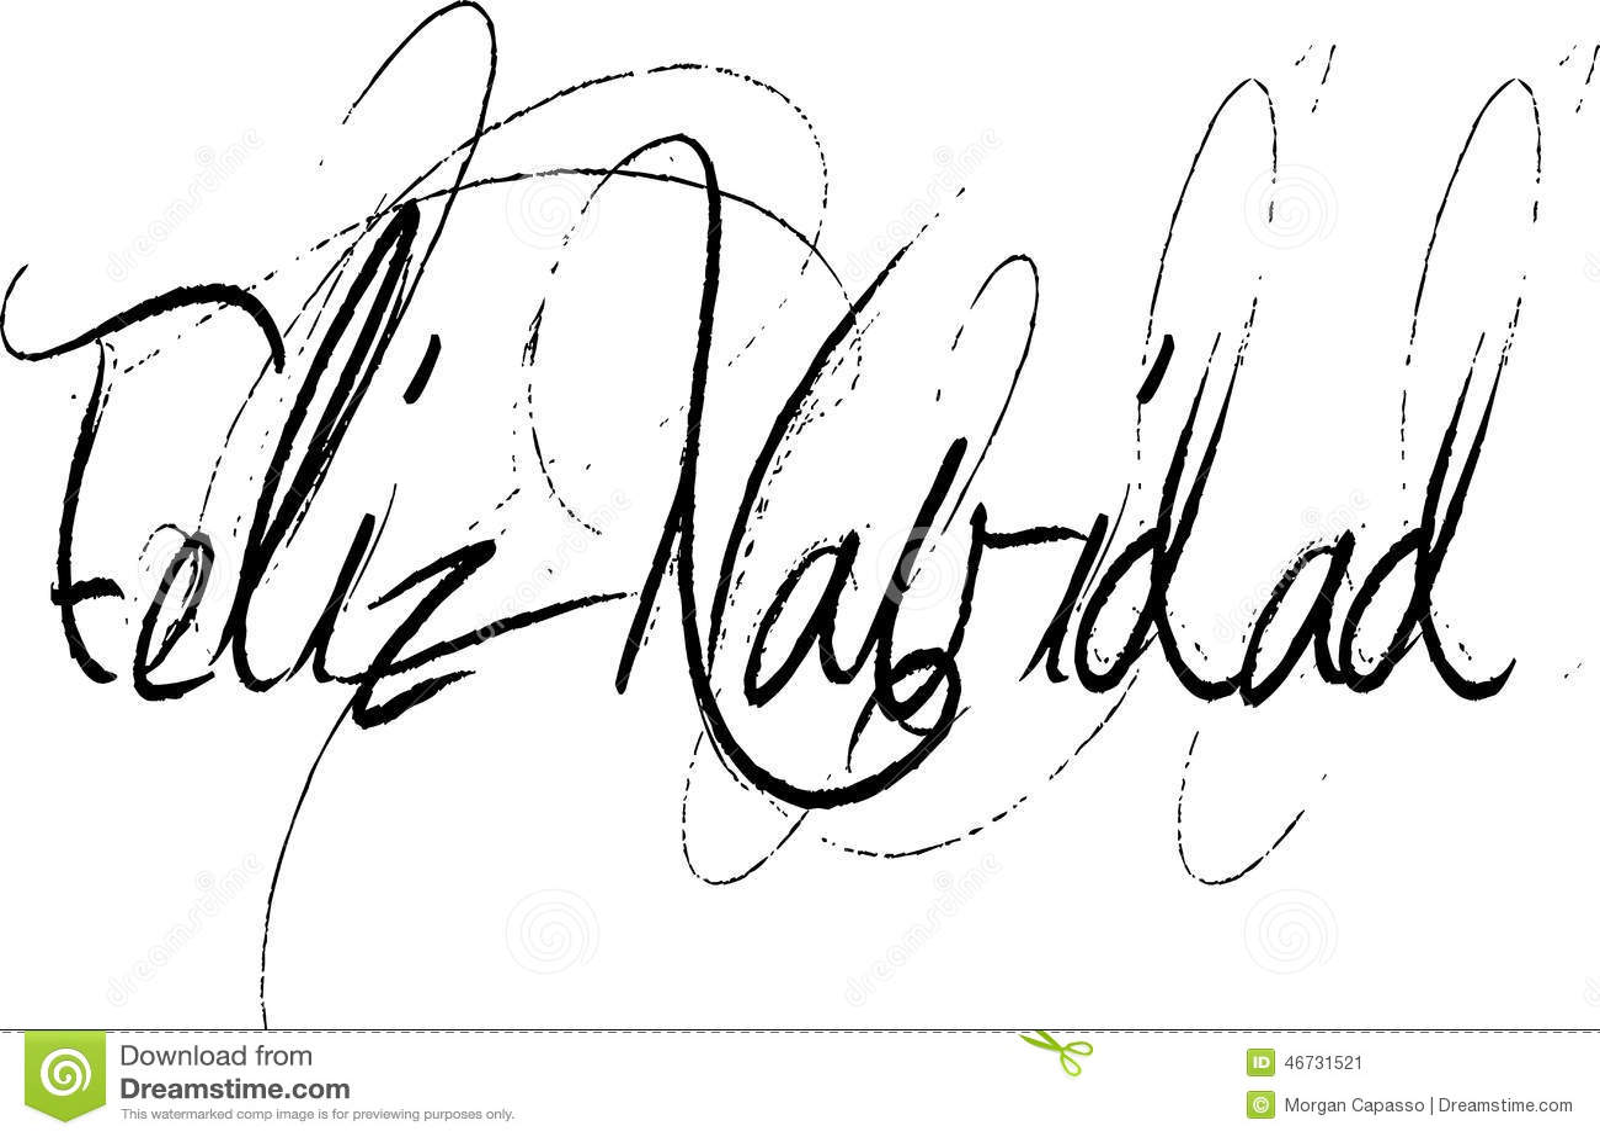 Feliz Navidad In Handwritten Script Stock Vector Image